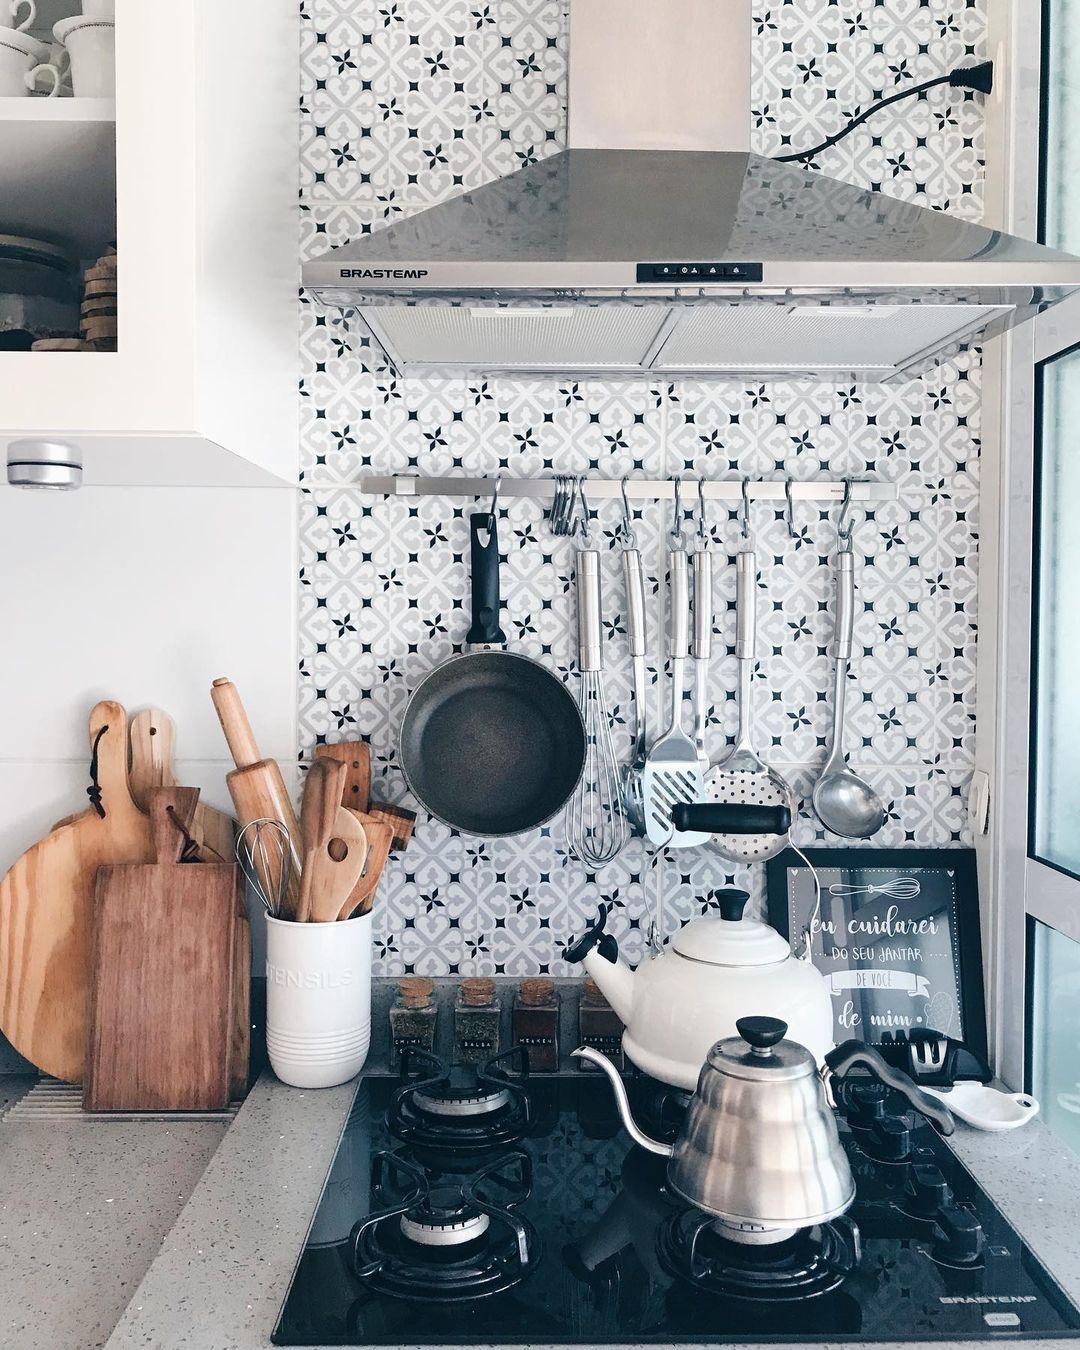 Aposte em detalhes coloridos para dar um toque diferenciado na sua cozinha pequena. Adicionar pastilhas ou azulejos de cores ou estampas diferentes na parte de cima da pia, por exemplo, já dão uma cara nova ao cômodo.